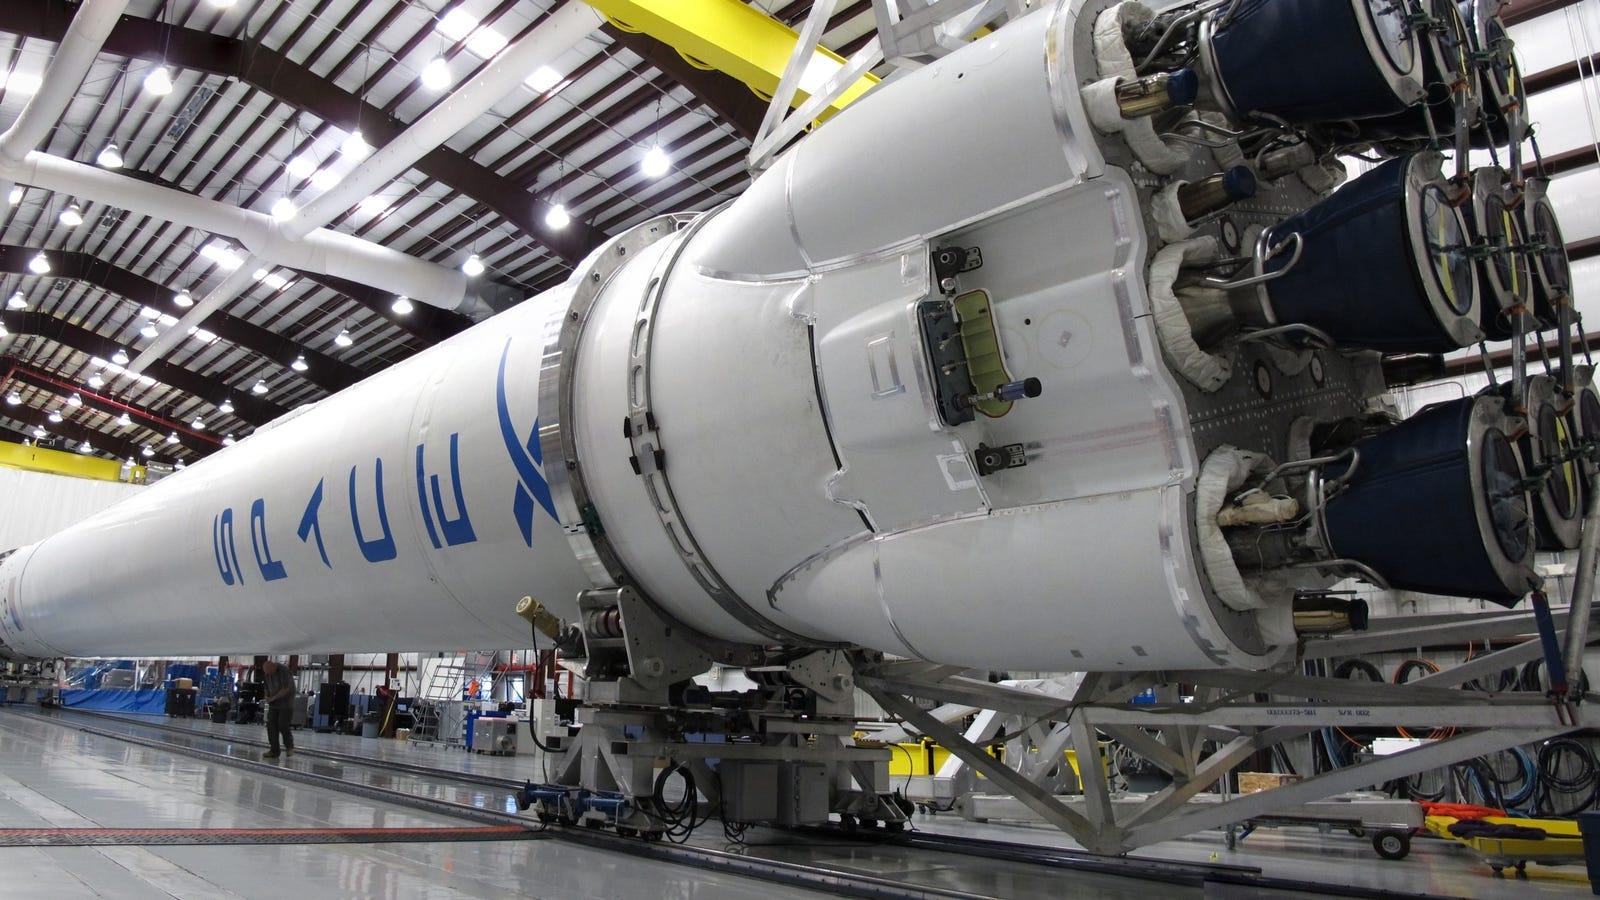 Por qué es imposible utilizar cohetes eléctricos, según Elon Musk